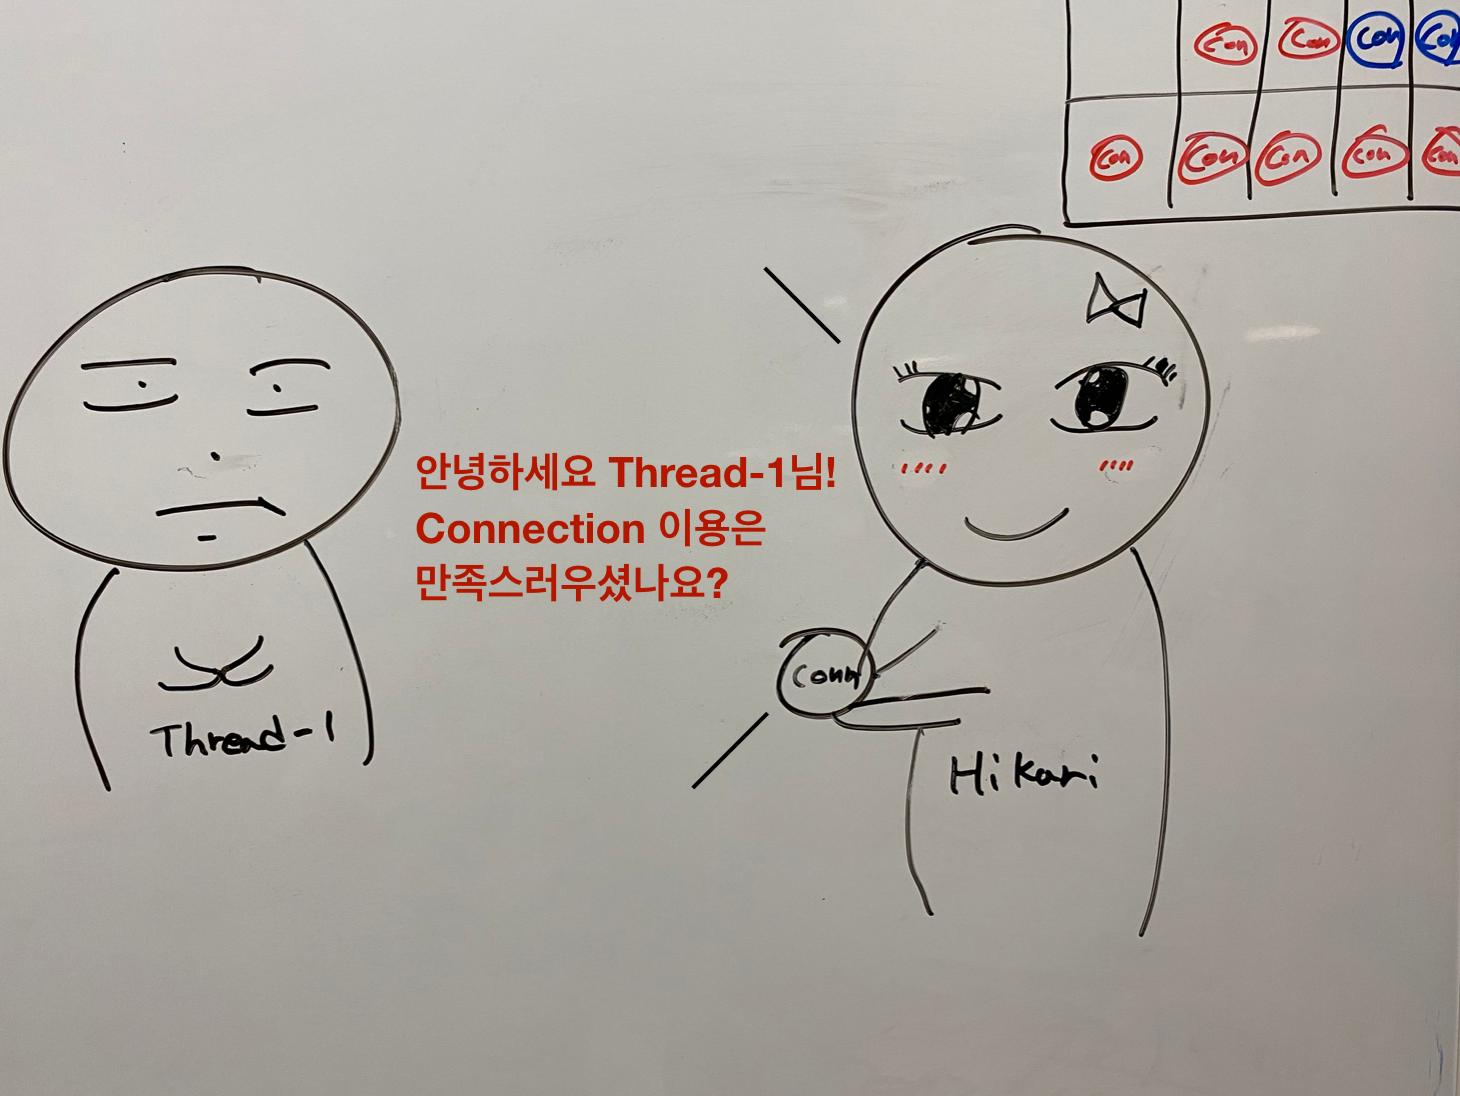 hikari-requite-connection